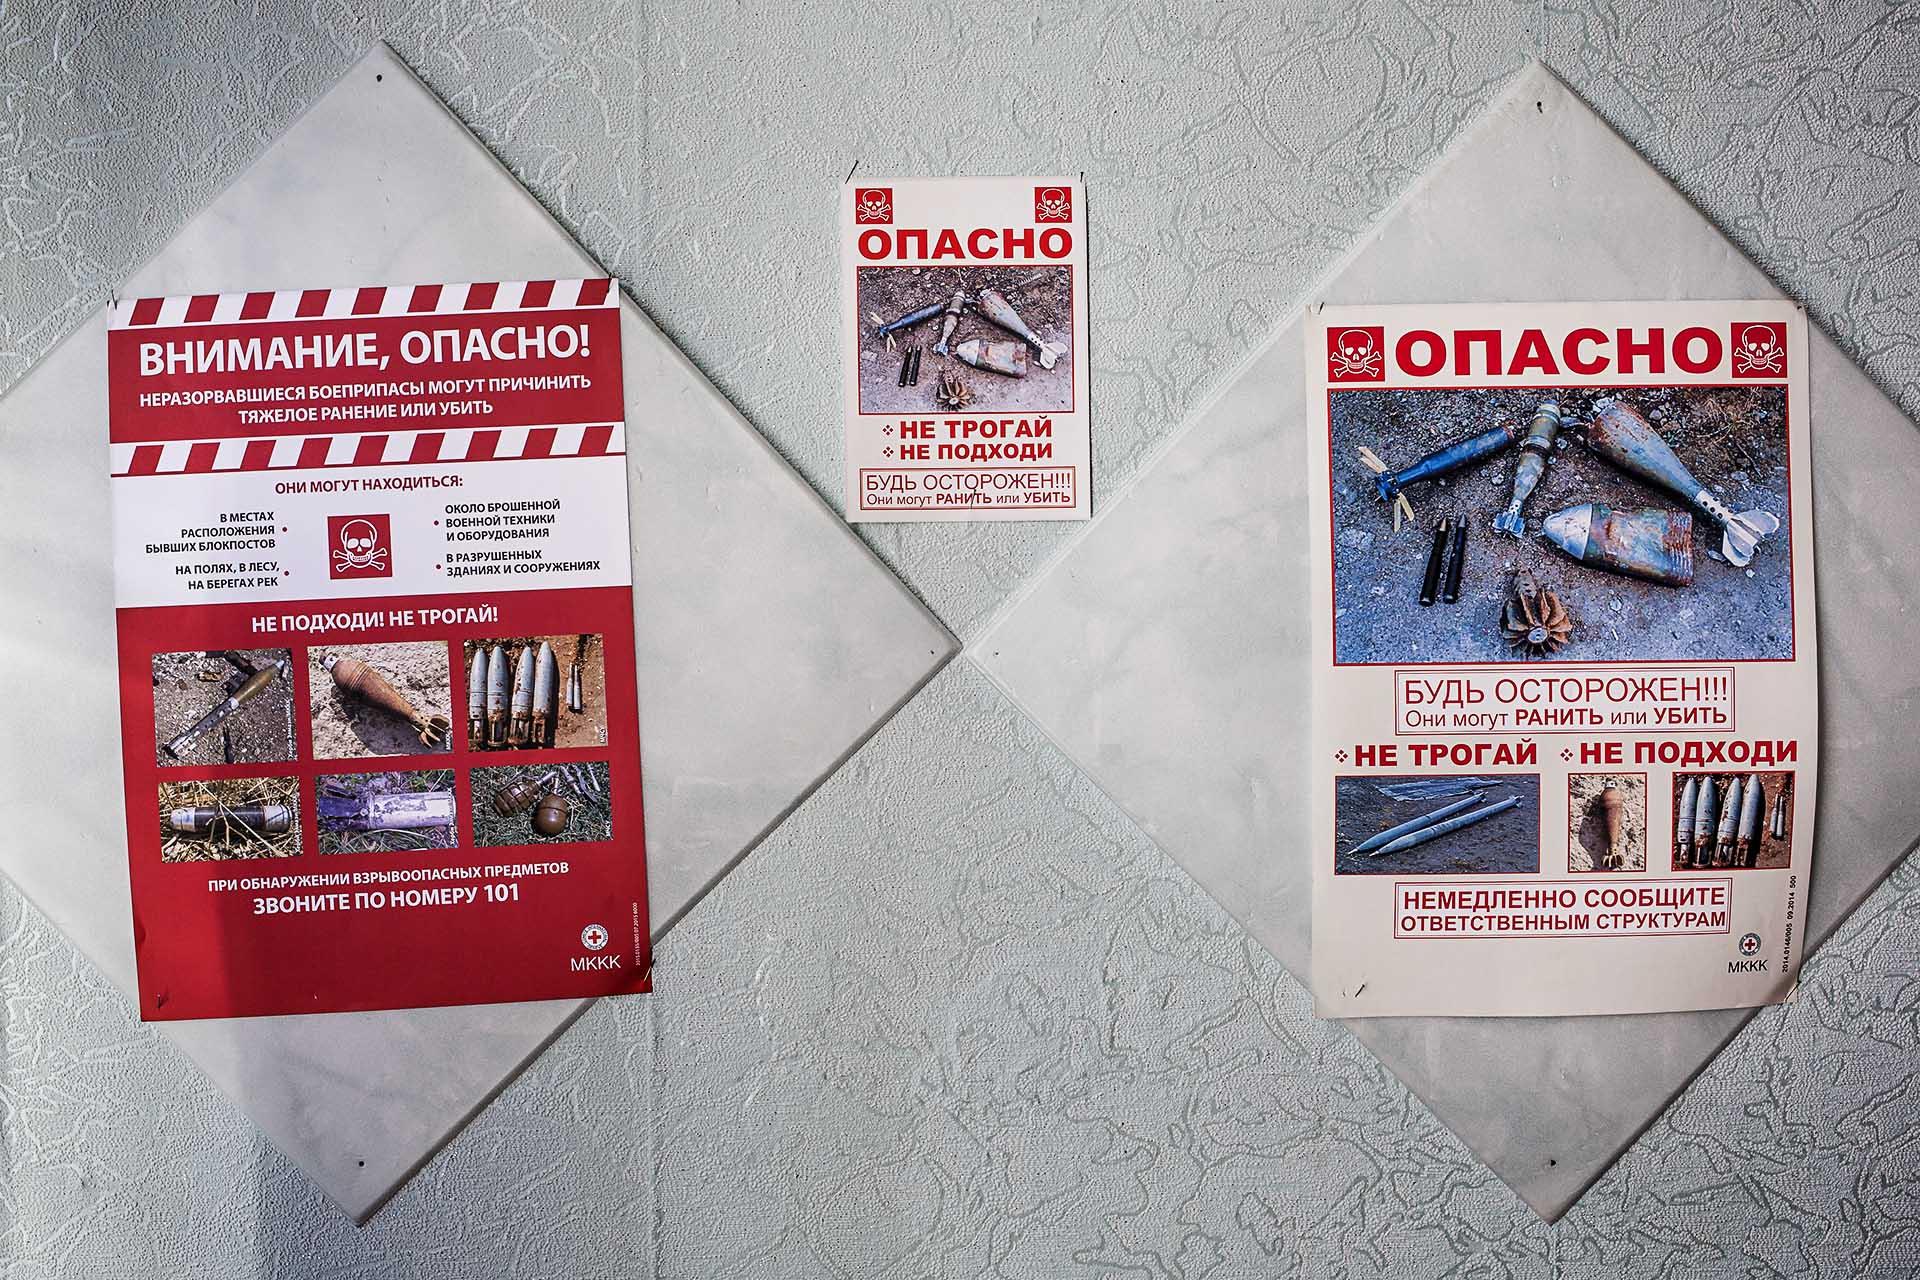 Carteles en un colegio alertando del peligro por artefactos explosivos sin detonar en la zona / (región de Donetsk)